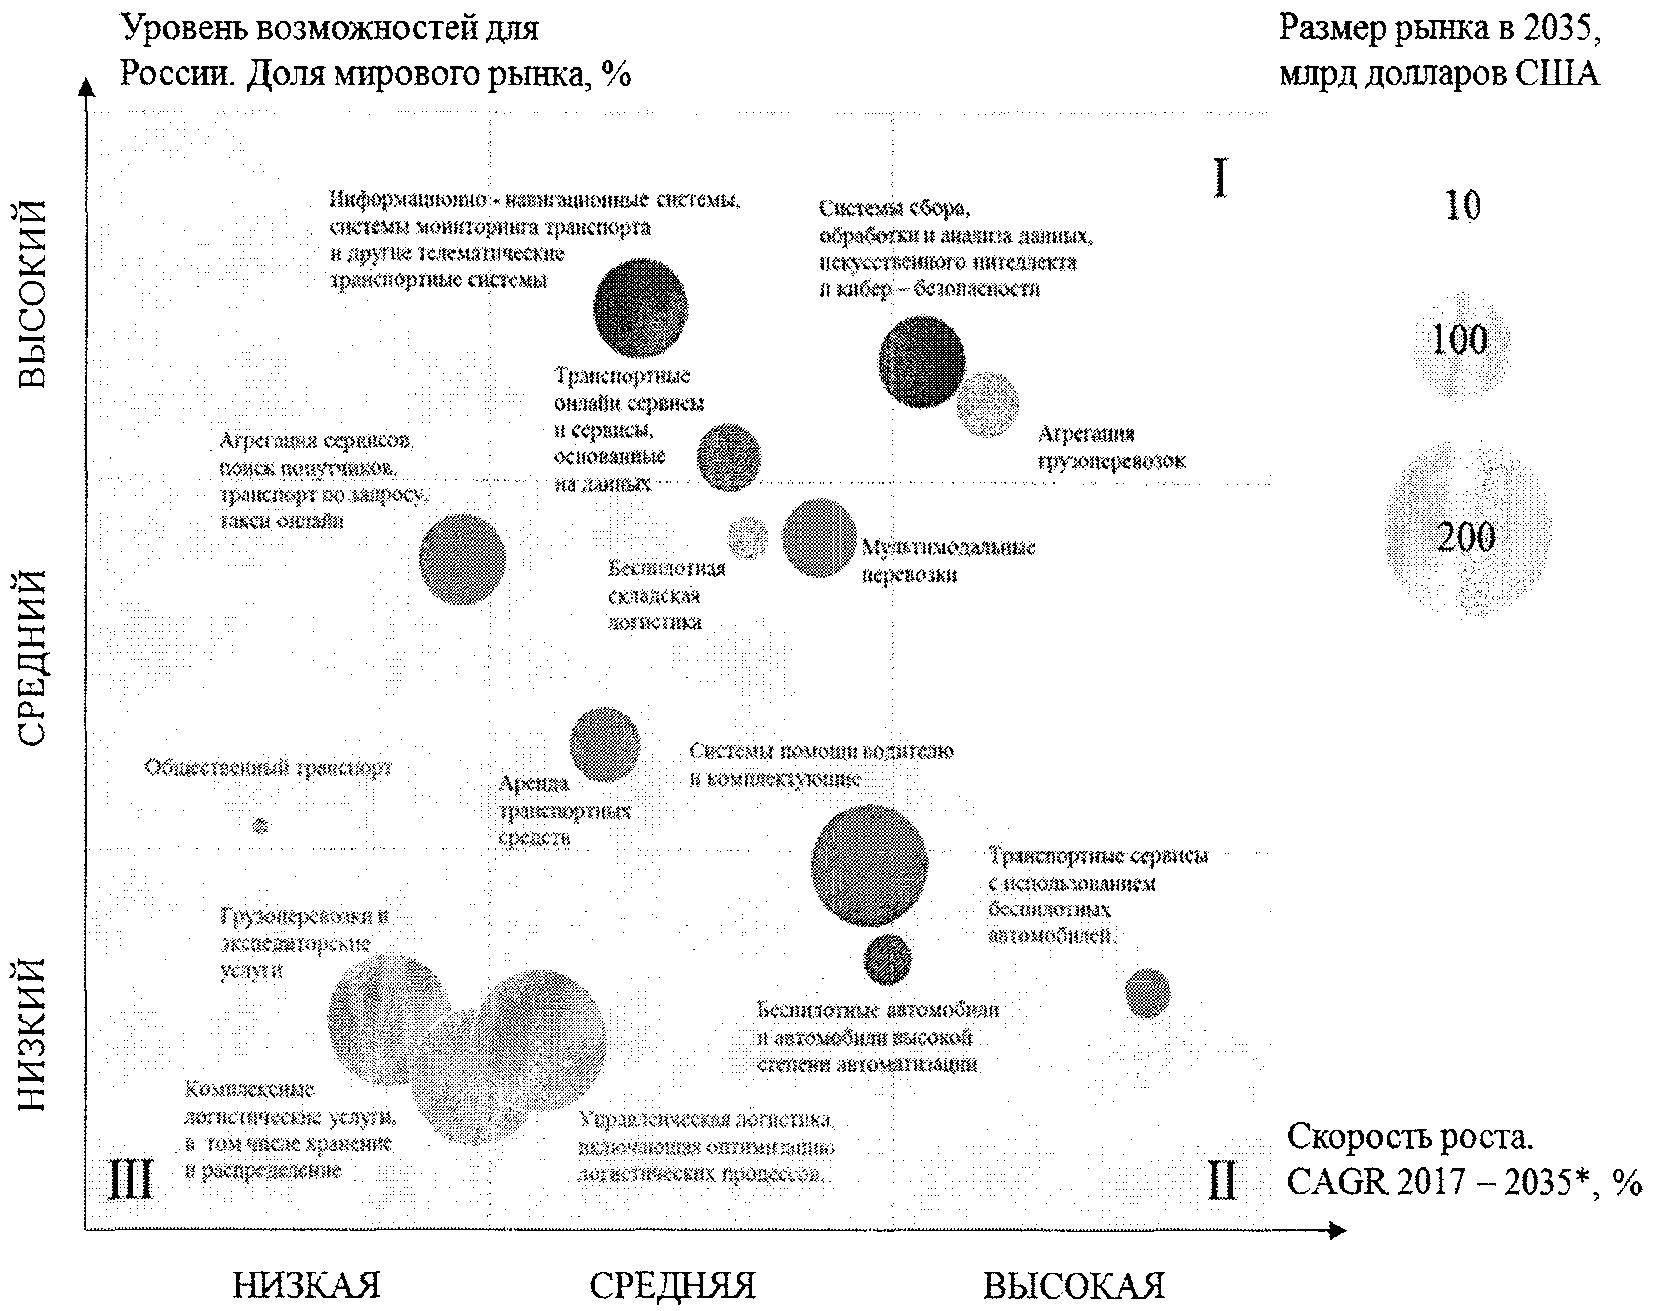 Спутниковая карта ато на сегодняшний день 2017 крупным планом